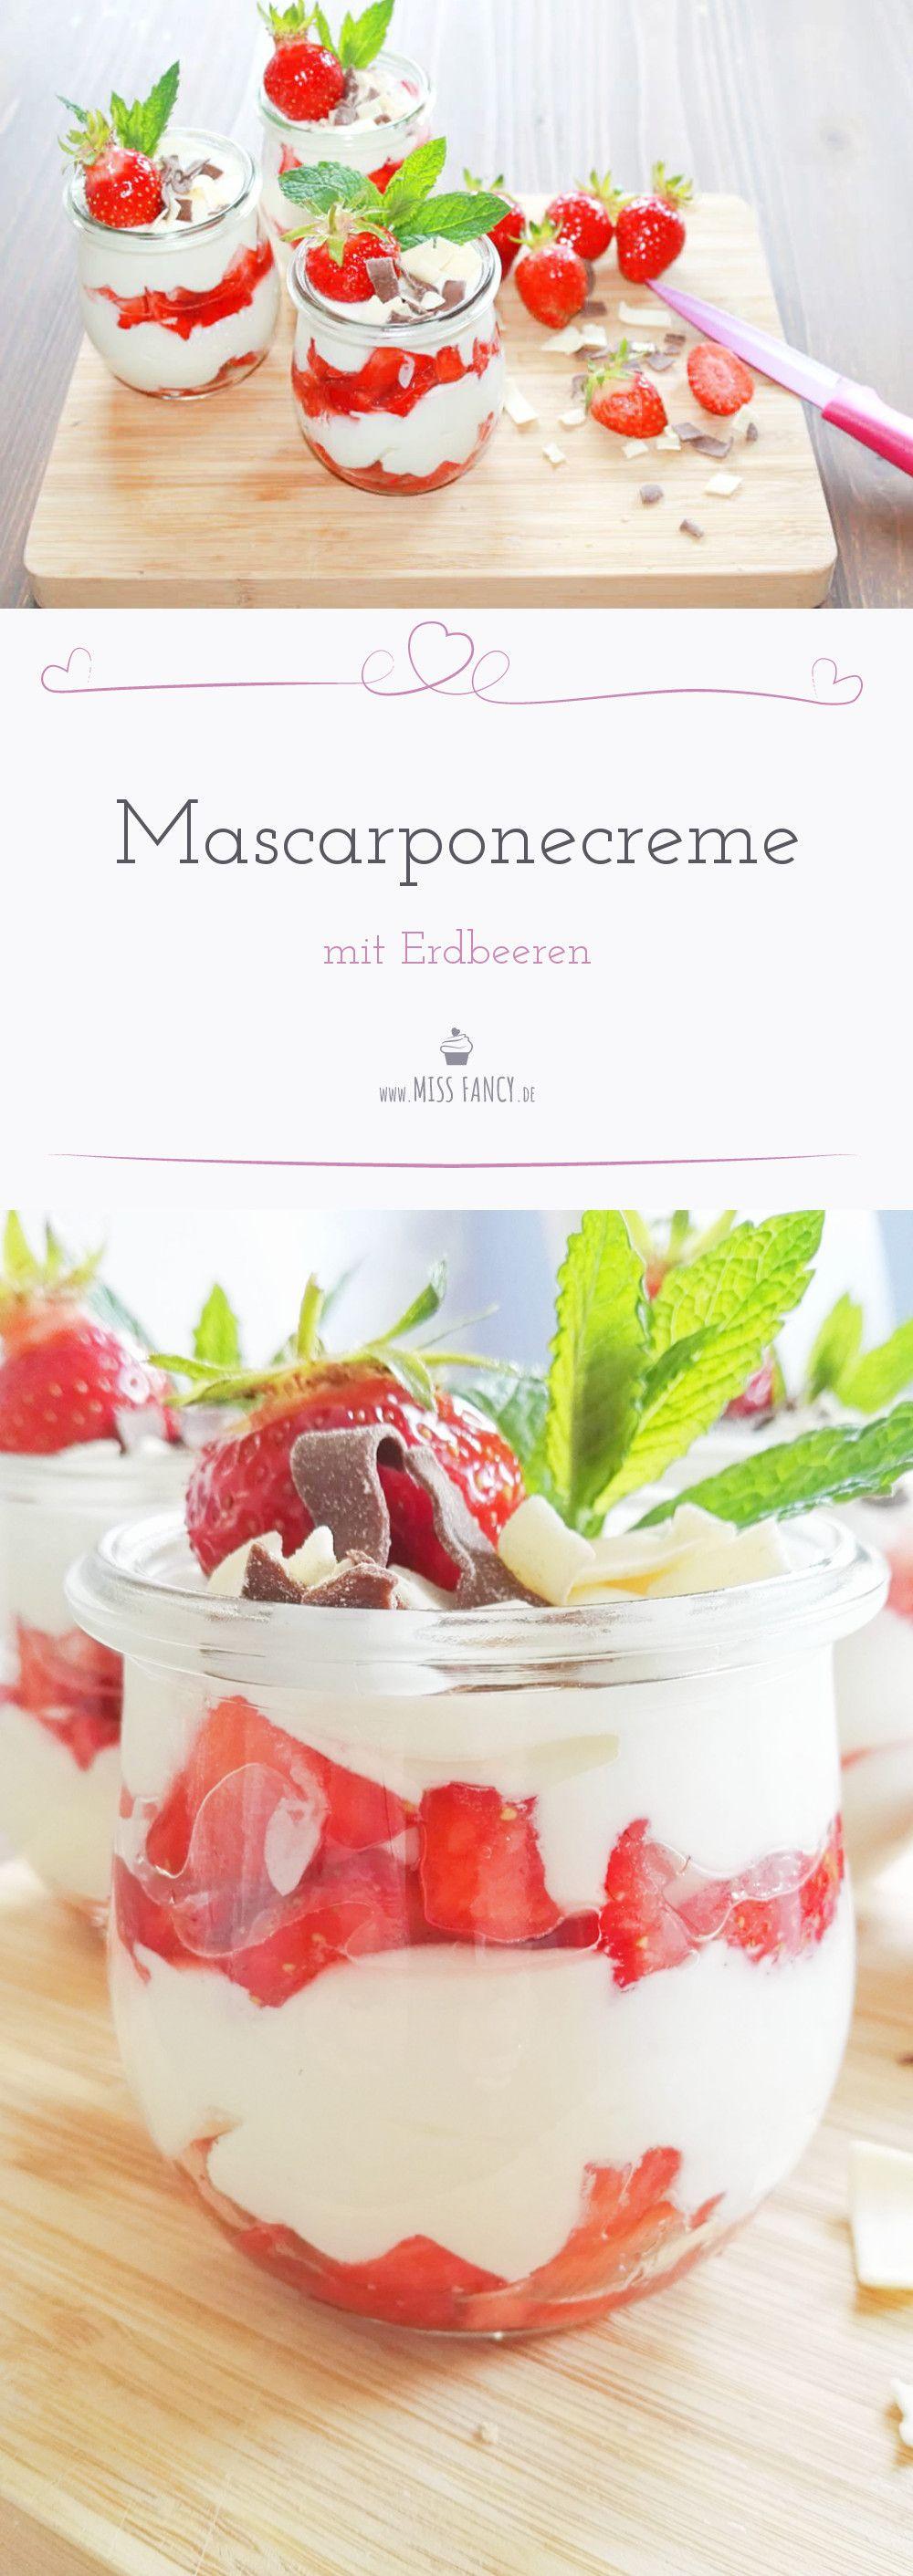 Mascarponecreme mit frischen Erdbeeren | Miss Fancy - Rezepte für jeden Tag